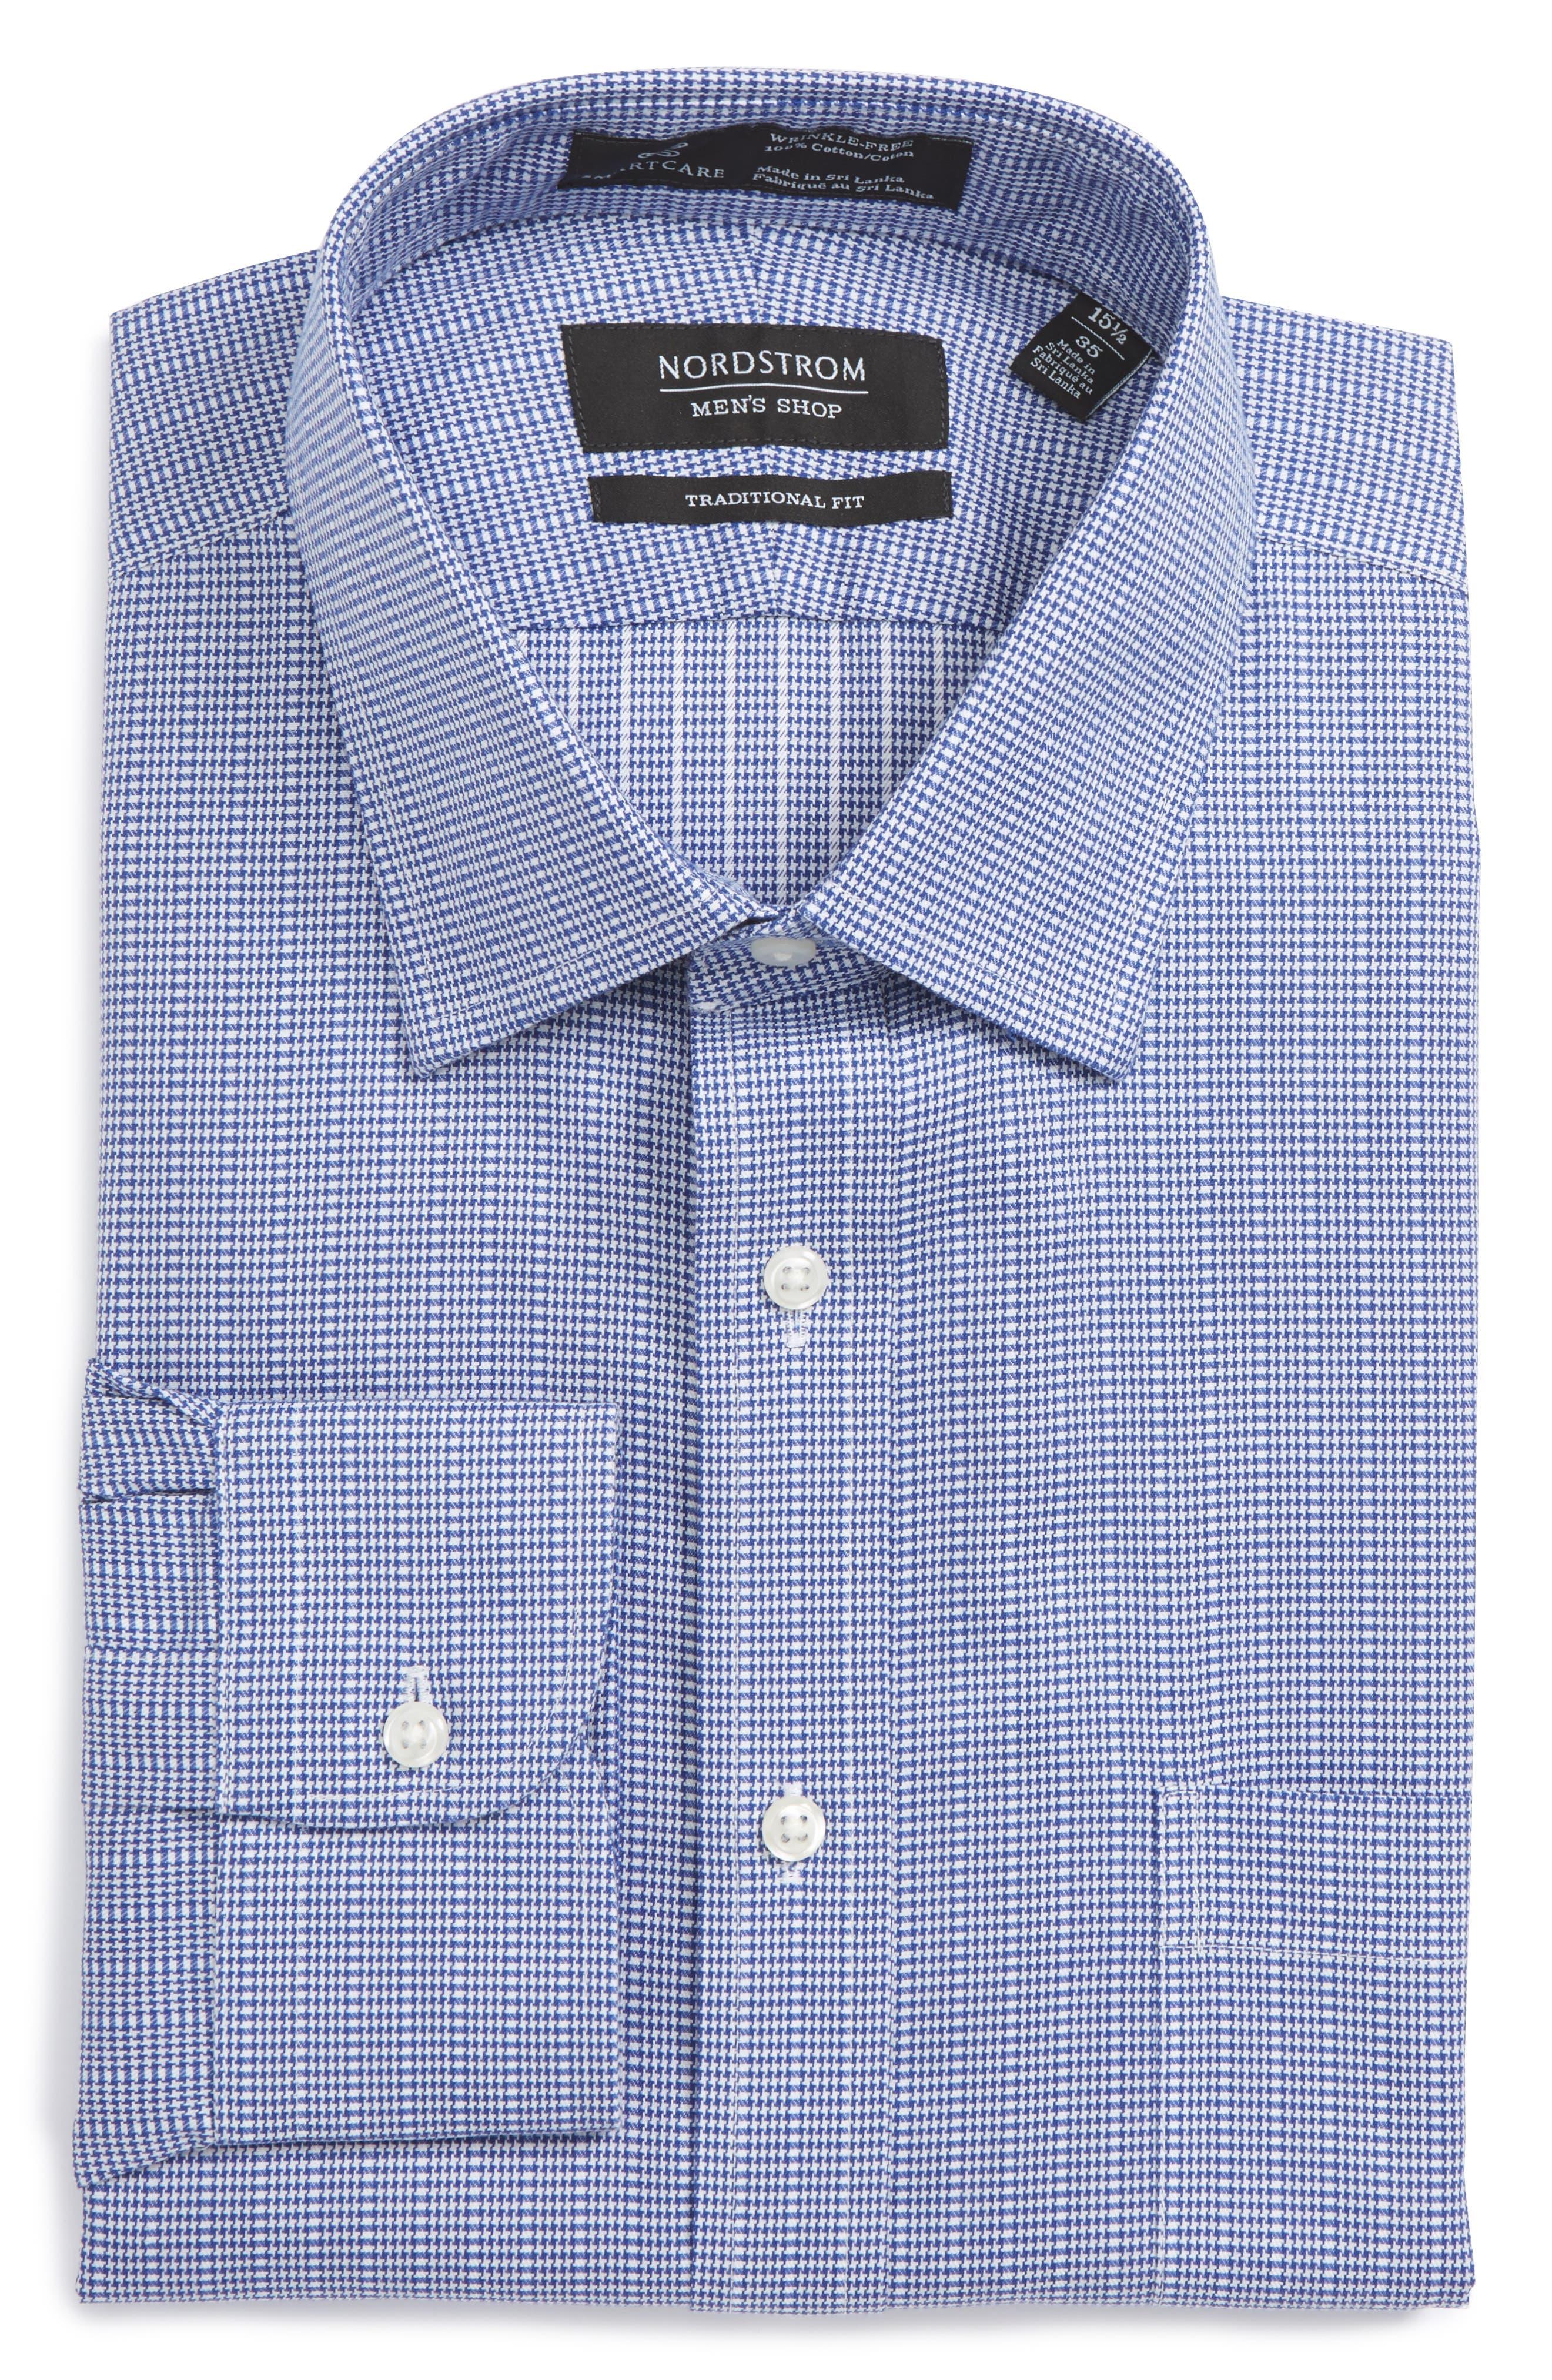 Alternate Image 1 Selected - Nordstrom Men's Shop Smartcare™ Traditional Fit Stripe Dress Shirt